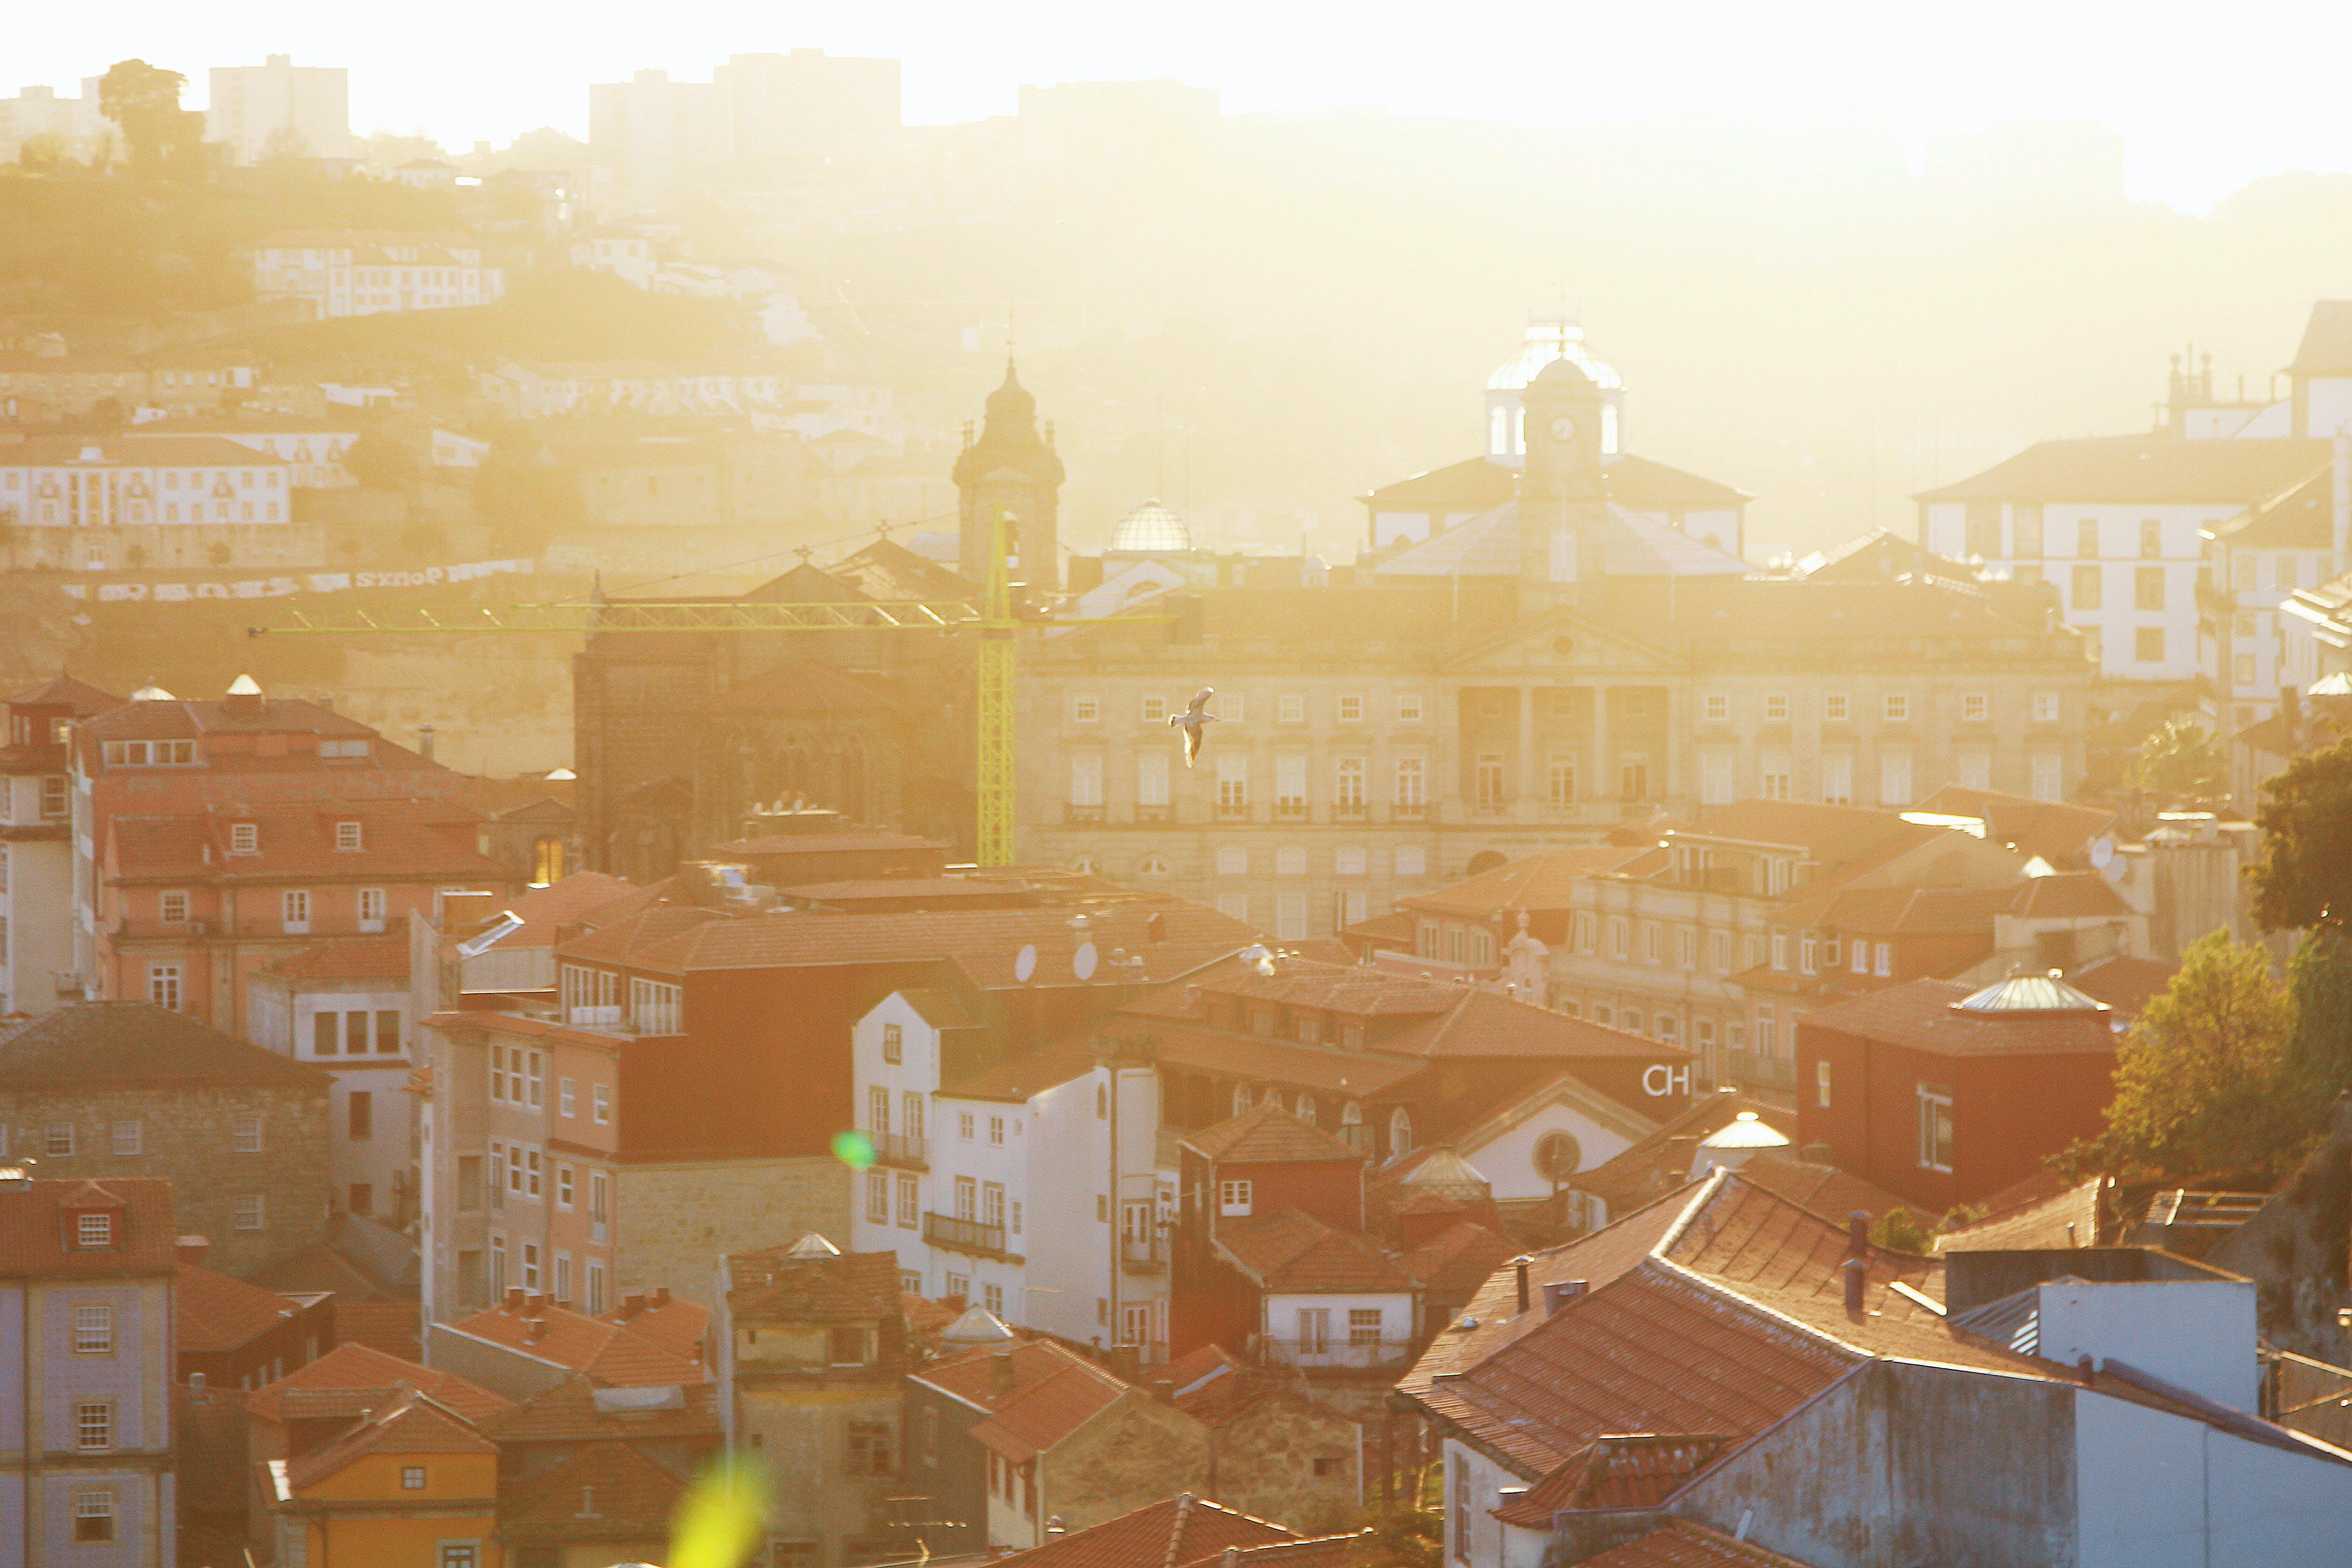 Foto stok gratis Arsitektur, atap, bangunan, cerah